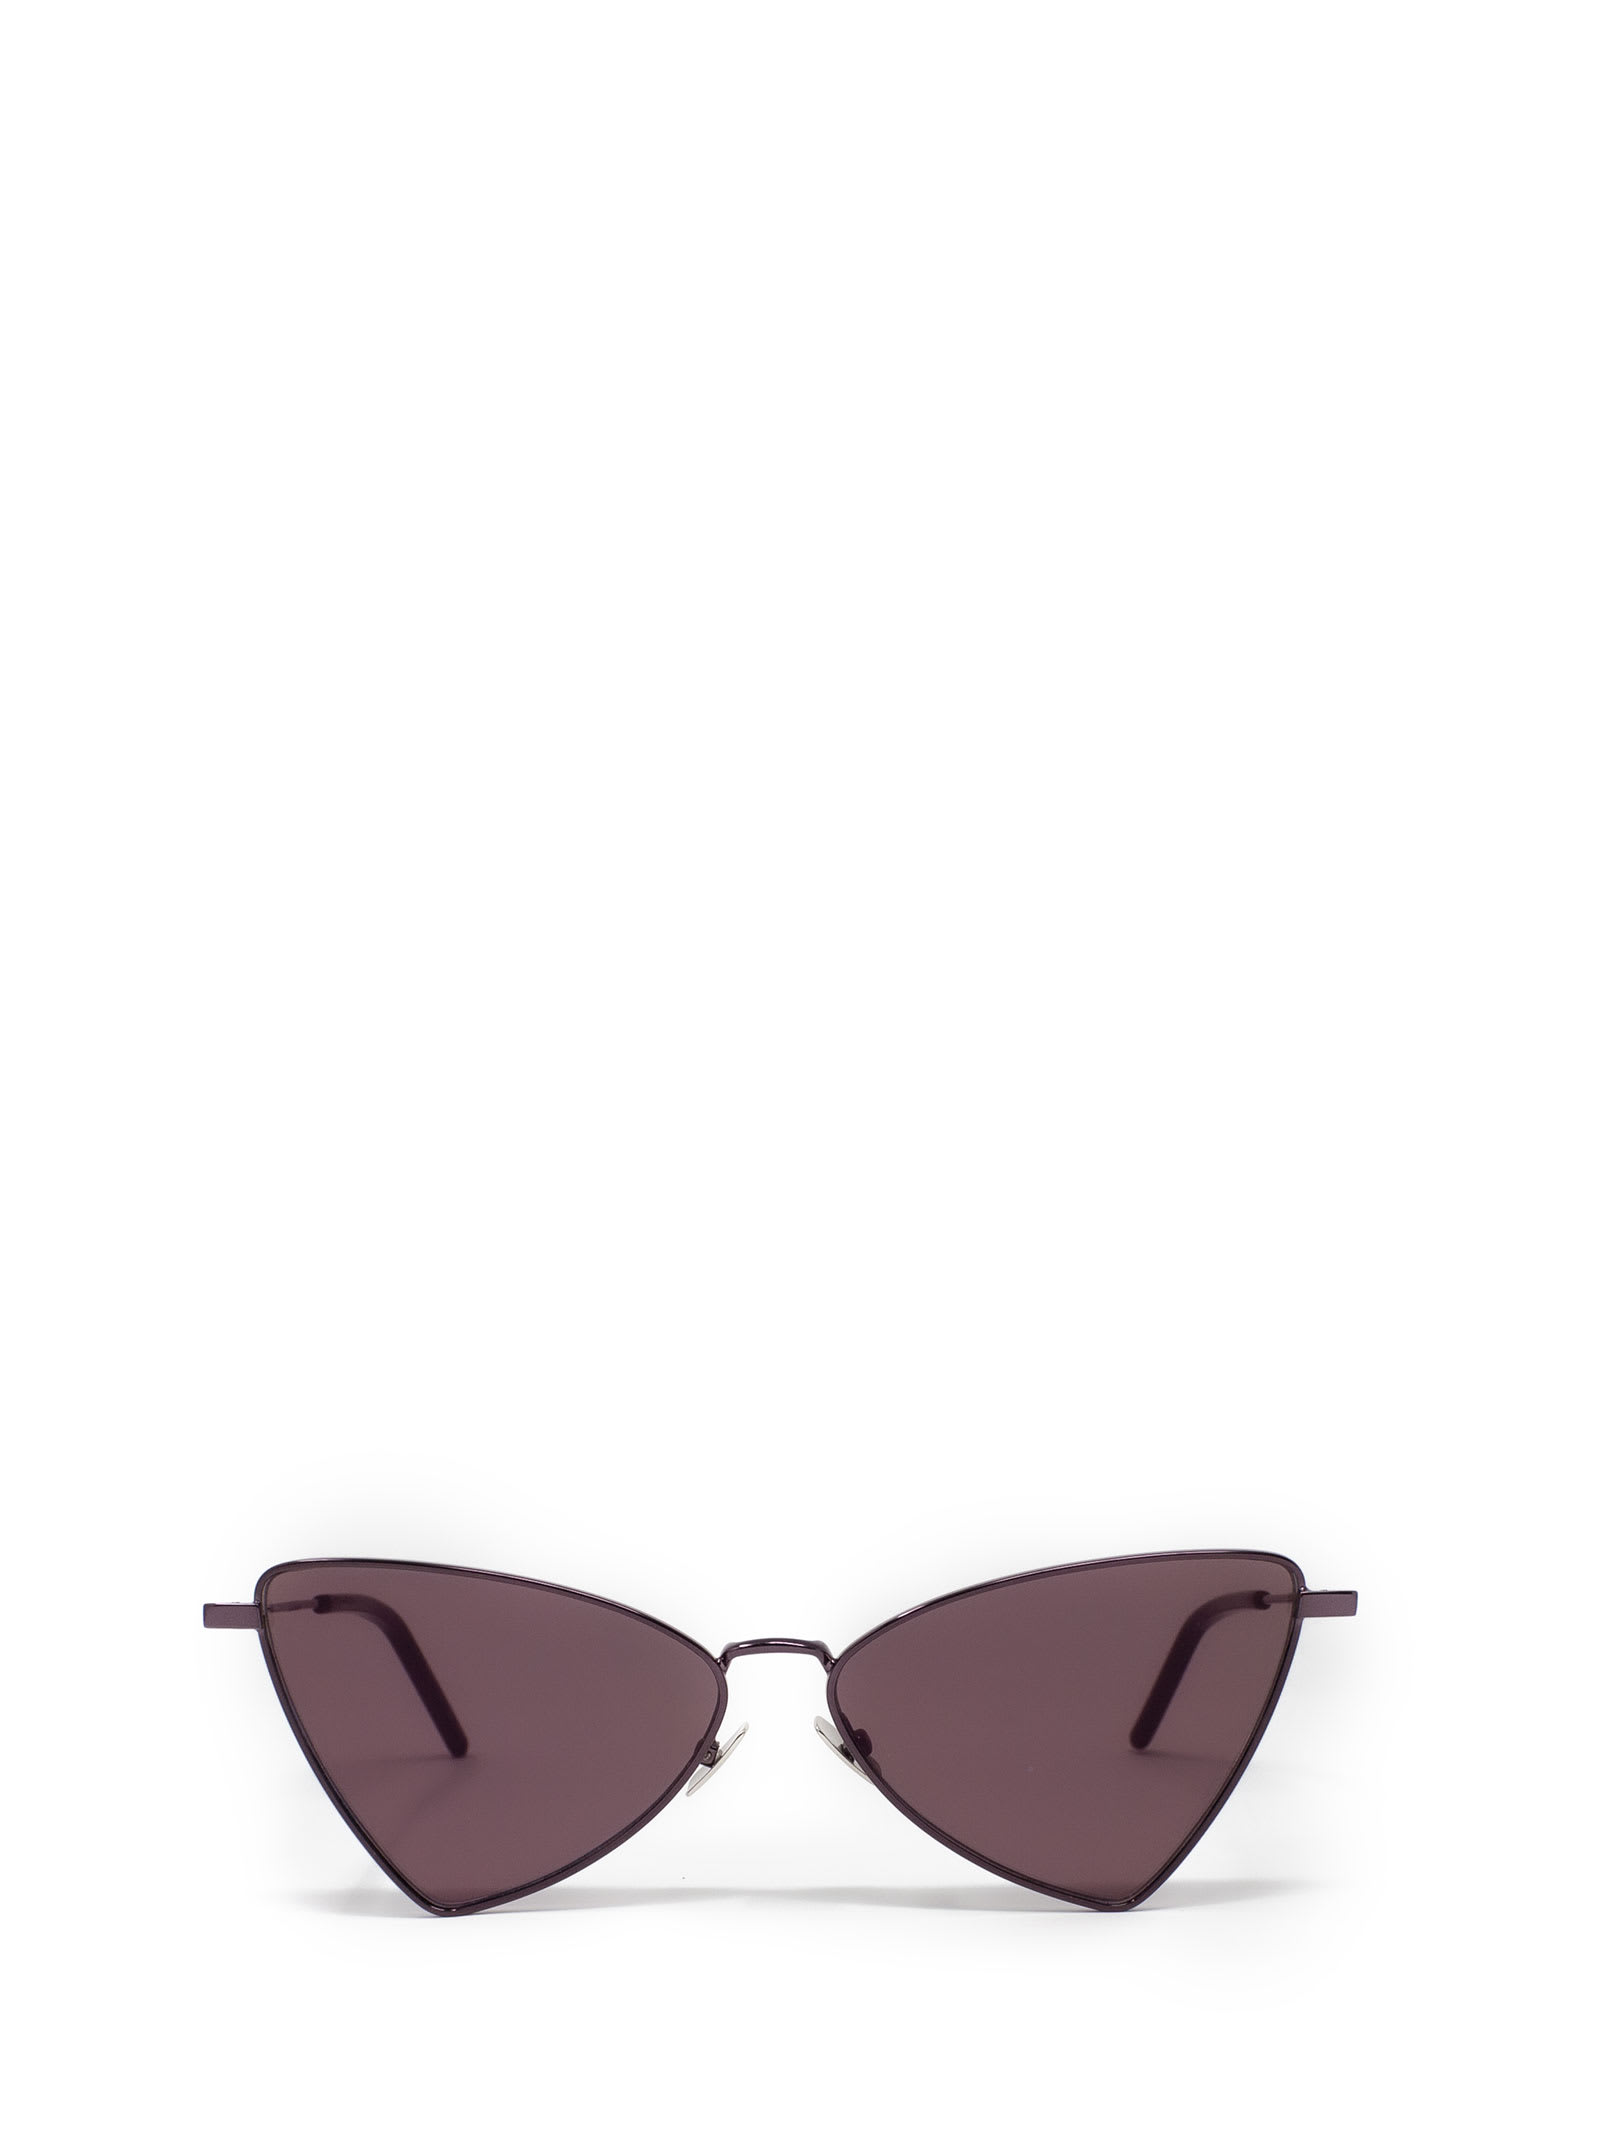 Saint Laurent Saint Laurent Sl303 007 Sunglasses